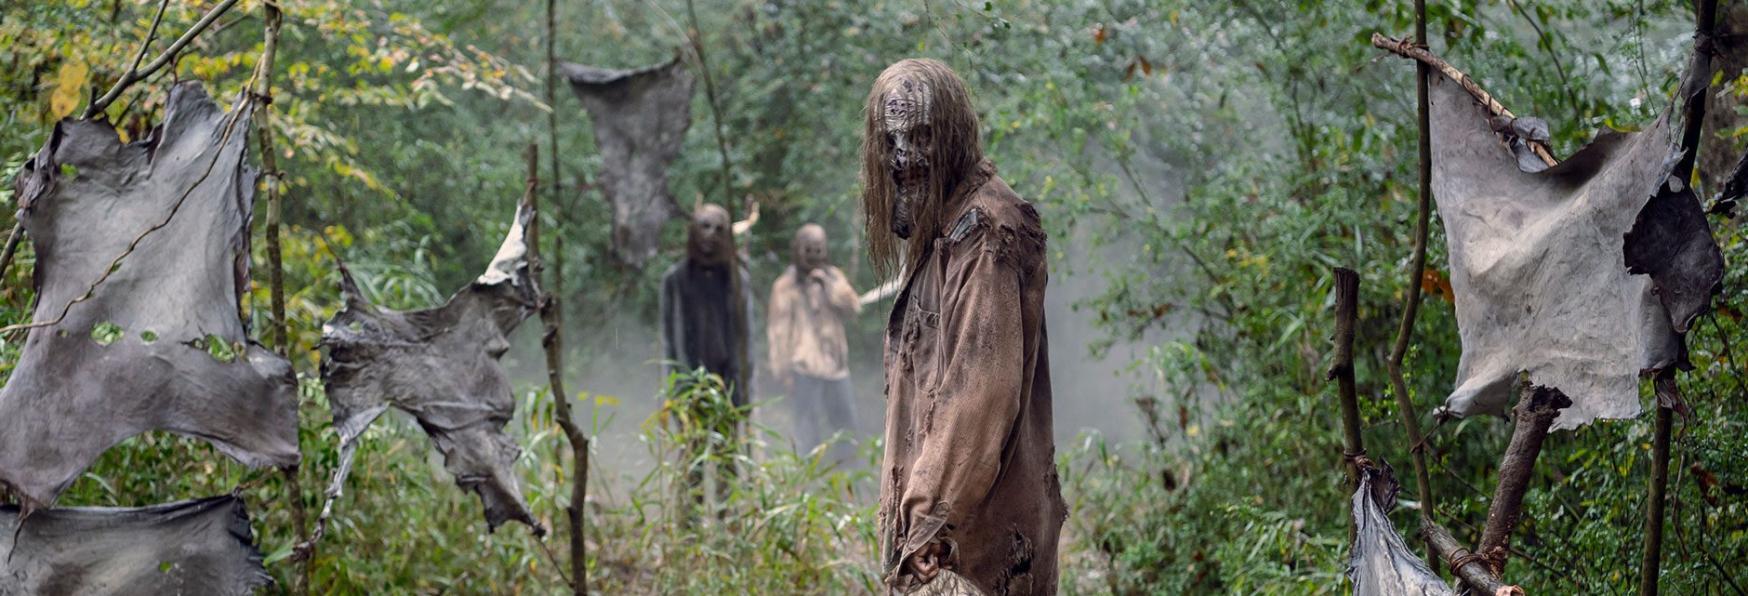 The Walking Dead 10: la Stagione sarà Frenetica fino alla Fine